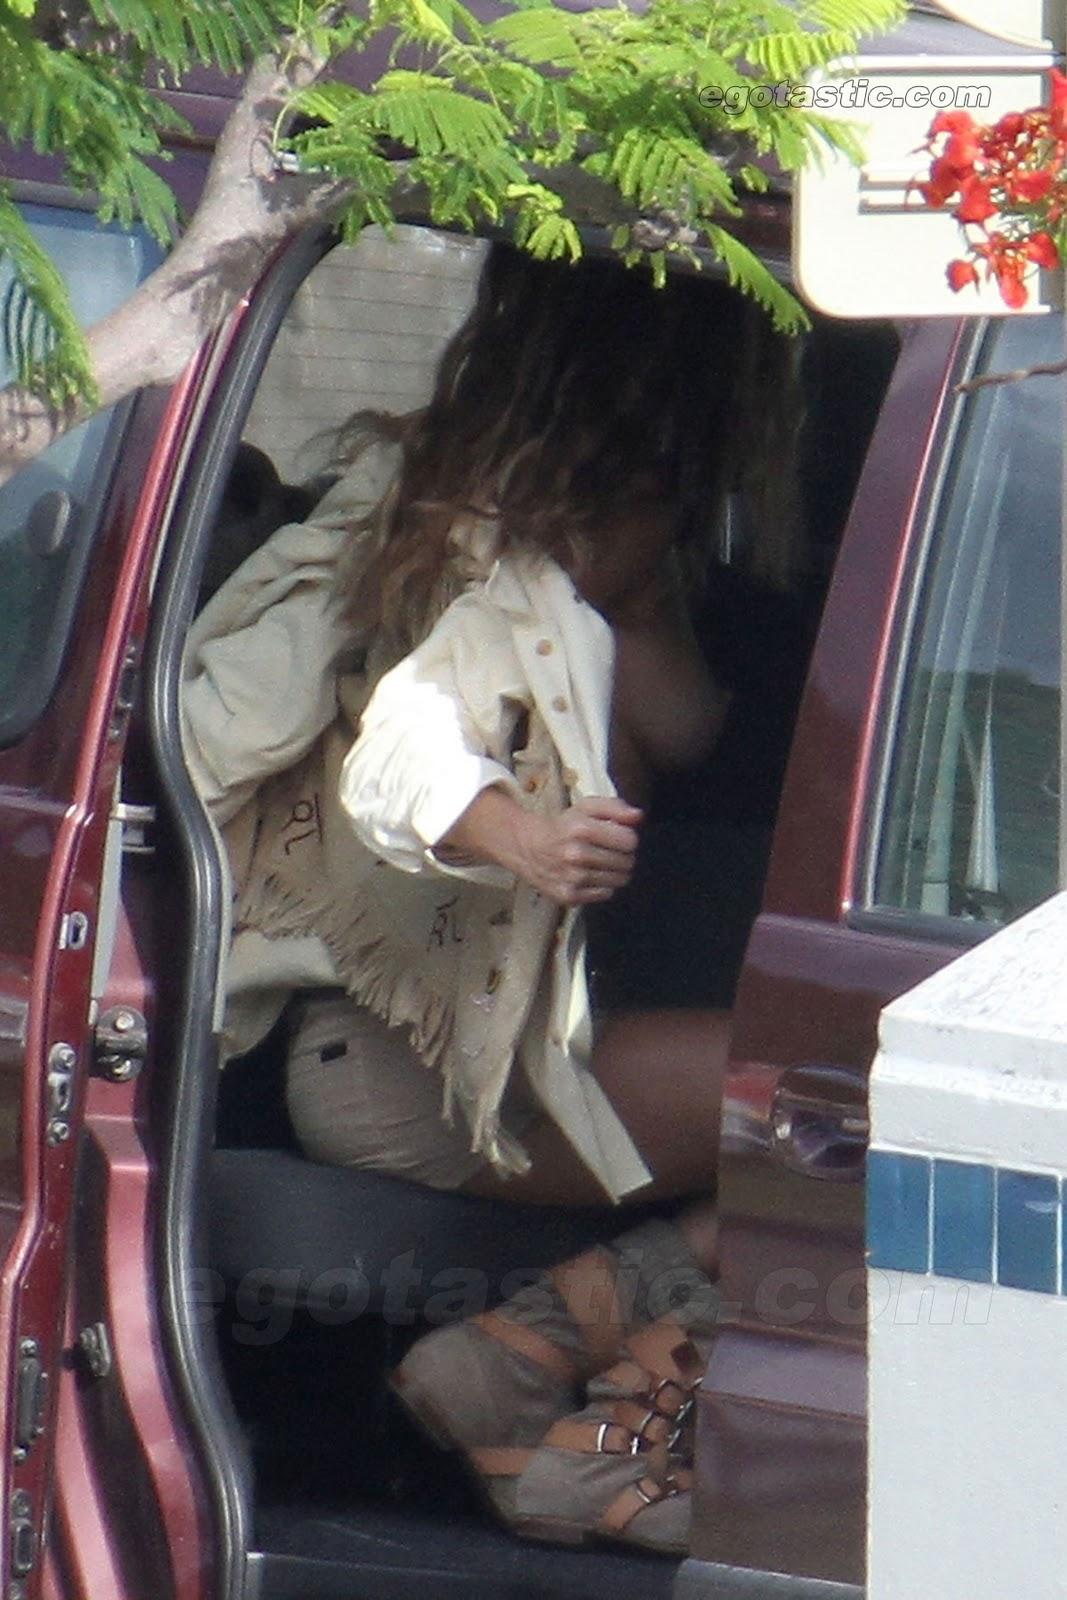 http://1.bp.blogspot.com/_zl4uRIjbpYs/TPe3_mXudMI/AAAAAAAAAUU/6fVc1hIBAI0/s1600/gisele-bundchen-nude-caught-undressing-03-FP-6170567.jpg